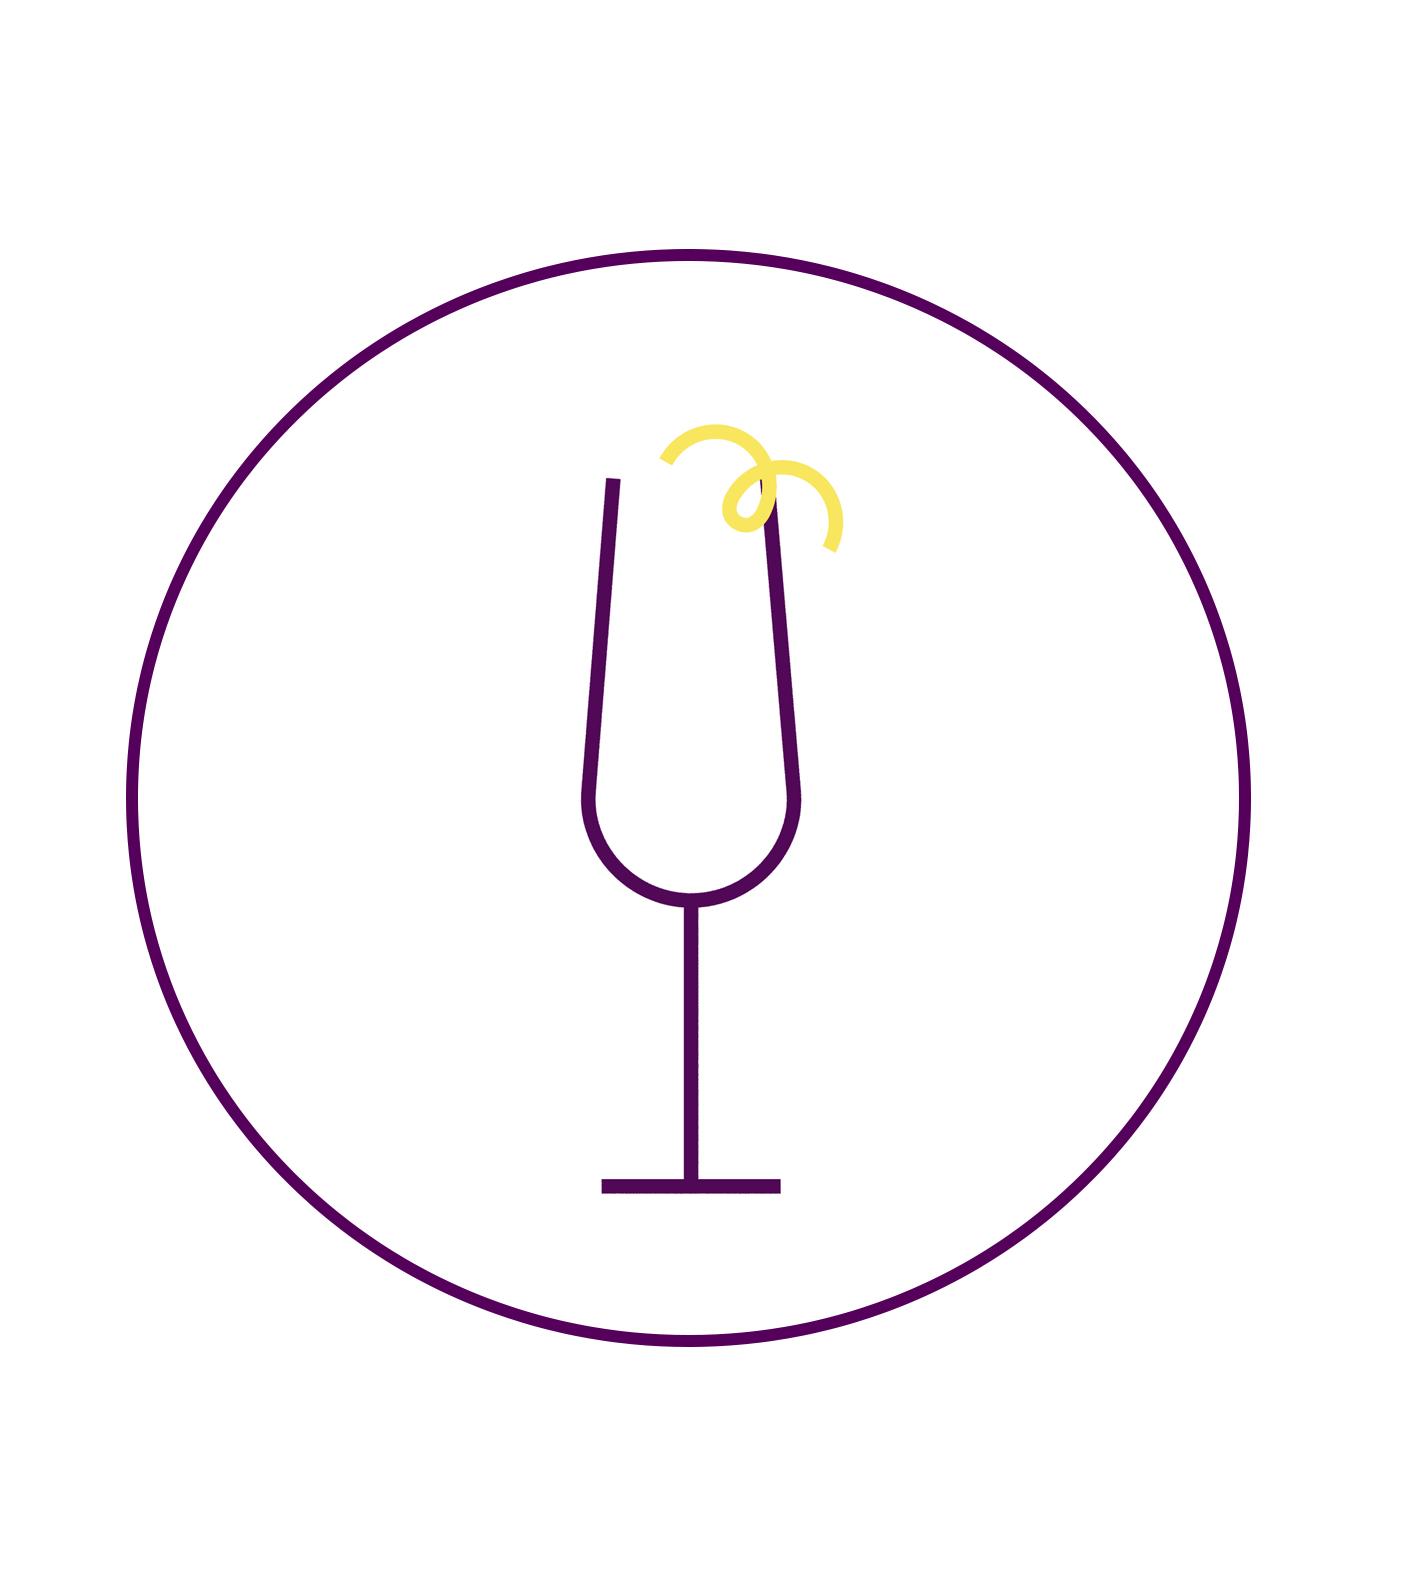 Drinks_03_white-circle